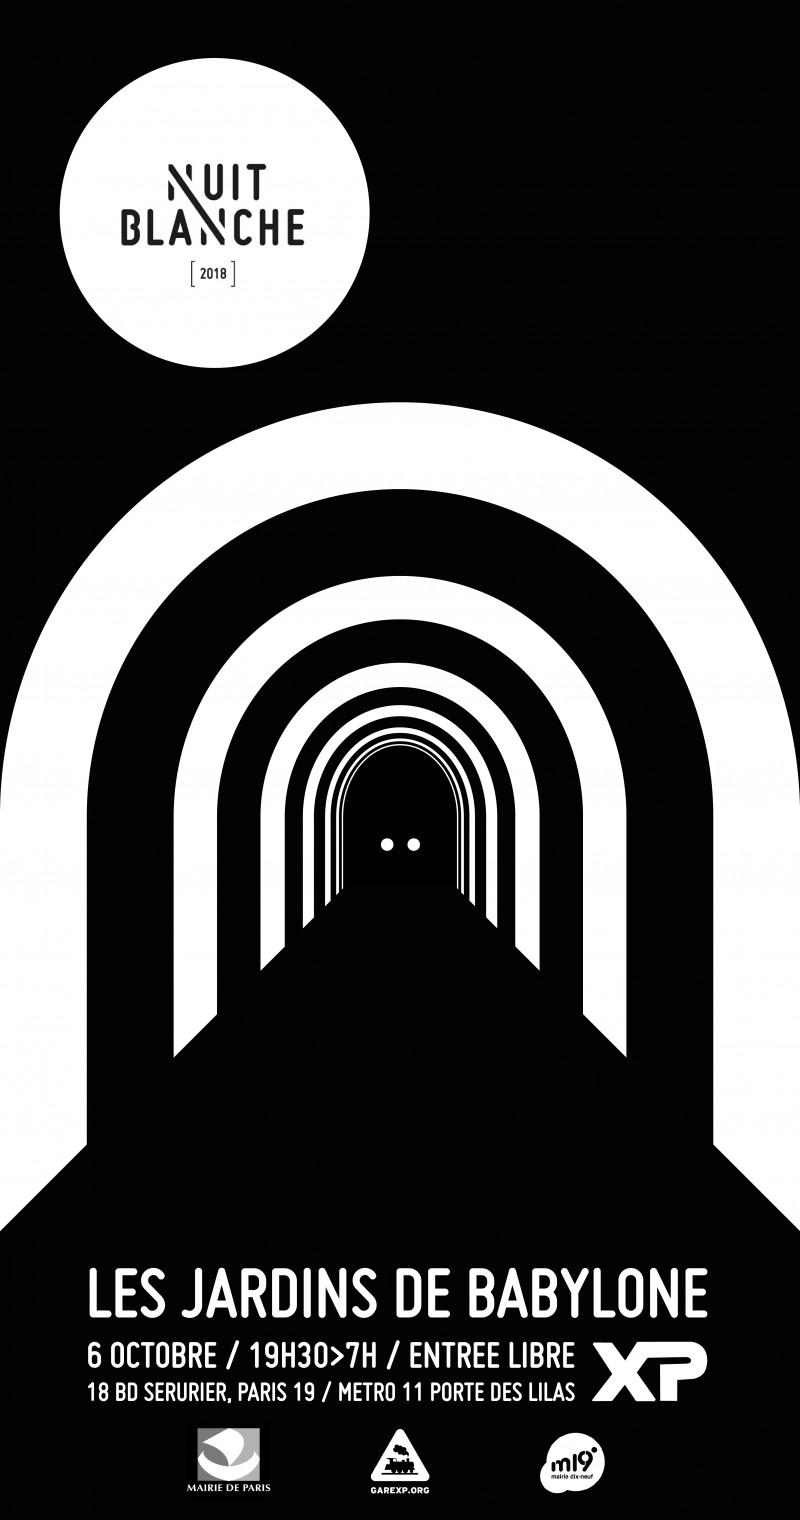 affiche-nuit-blanche-2018-gare-xp-229d703096bd3a644204b51abdc9e099